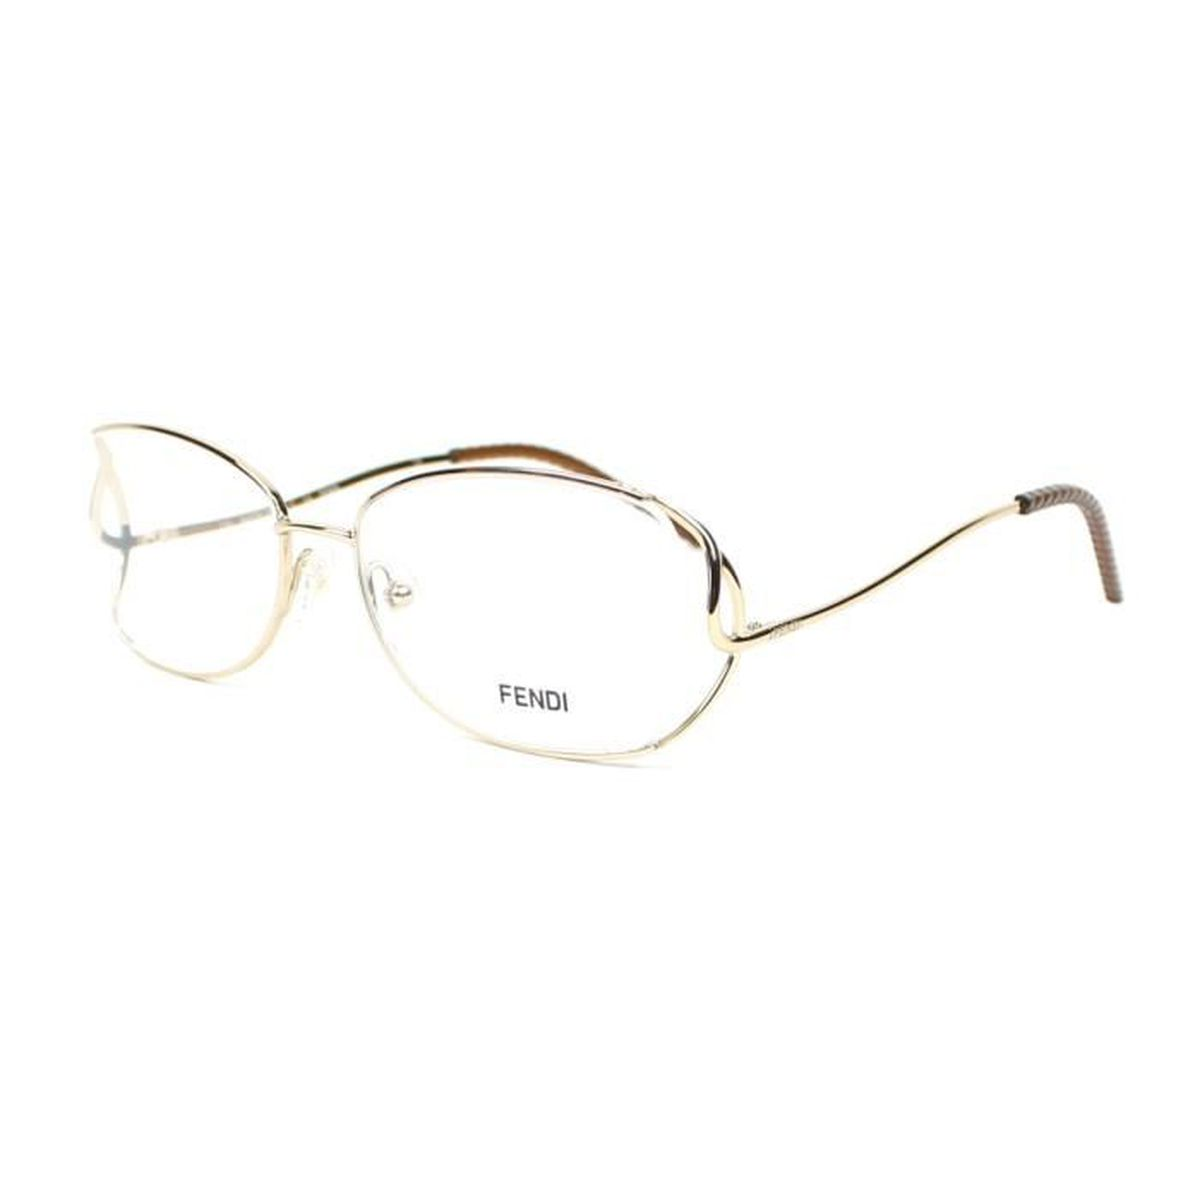 Lunettes de vue Fendi F902 -714 Or - Achat   Vente lunettes de vue ... a929a16355e0